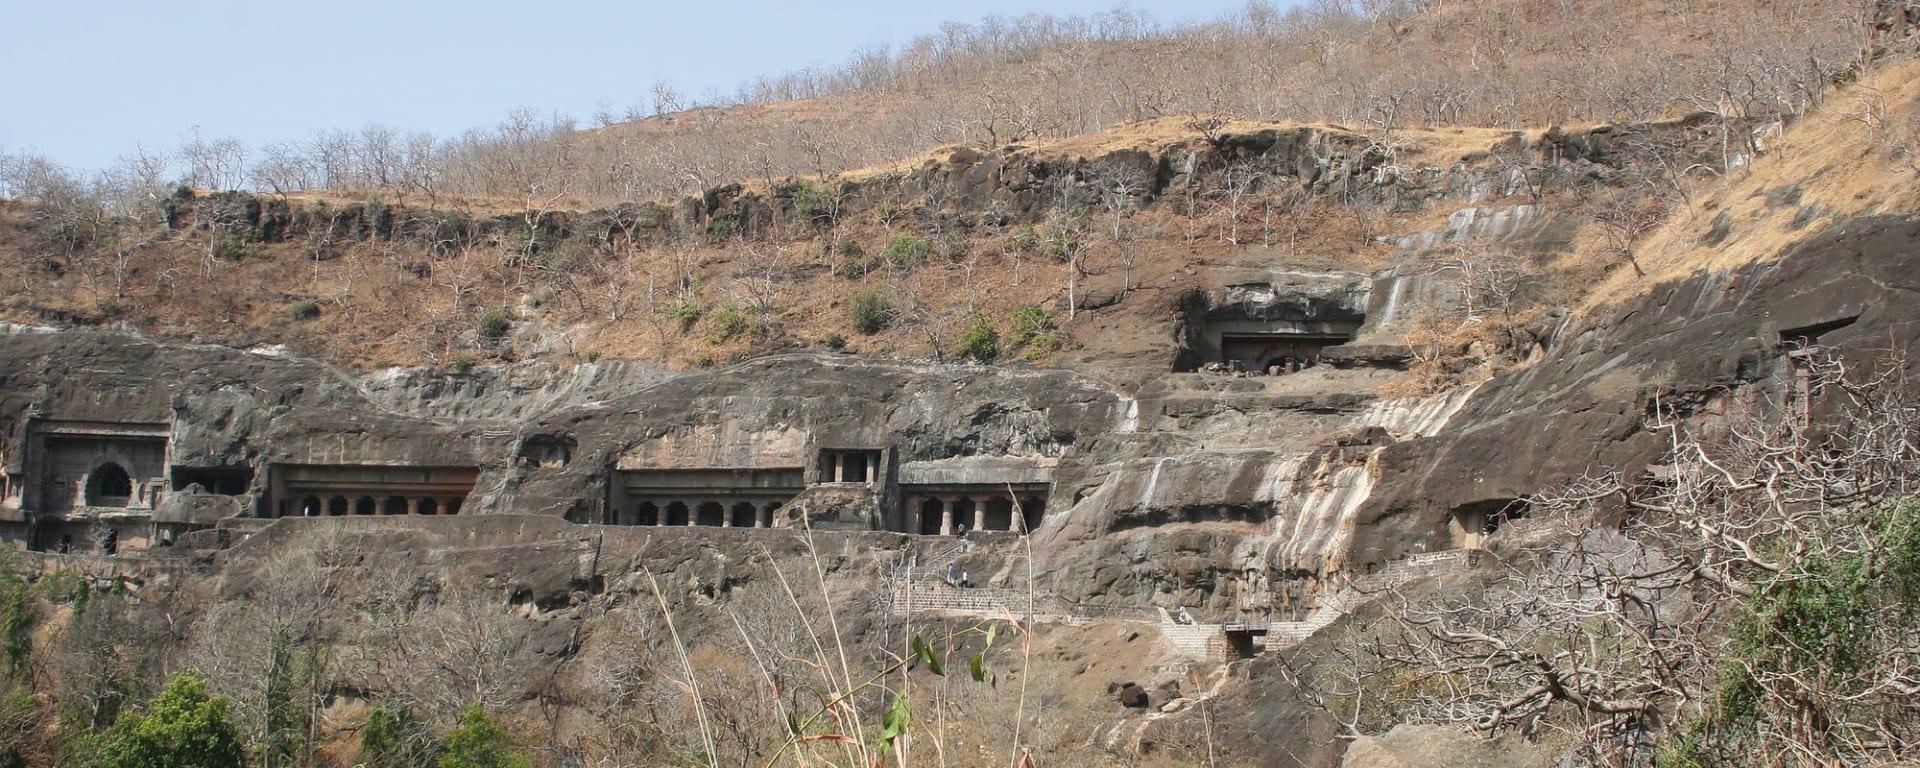 Héritages culturels Ellora & Ajanta de Aurangabad: Ajanta: caves